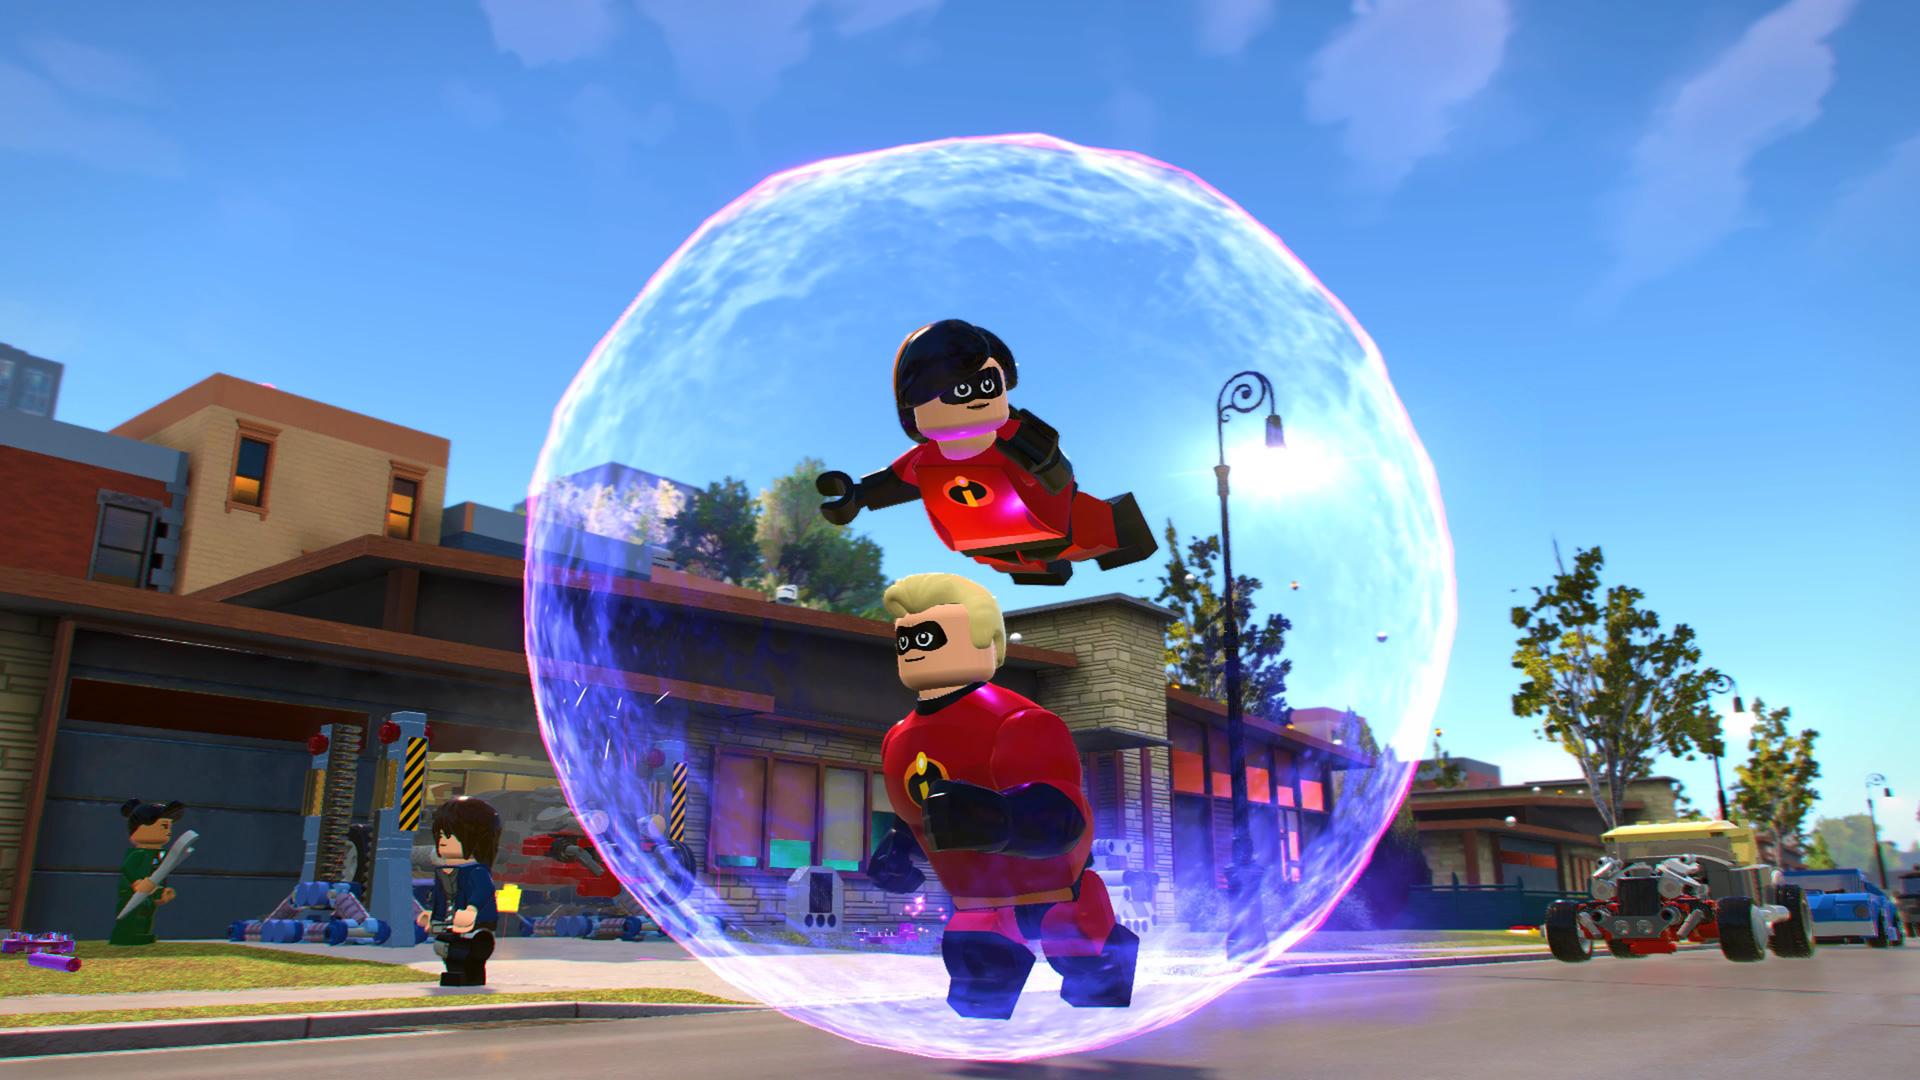 http://www.idgtv.es/archivos/201806/lego-los-increibles-disney-pixar-img4.jpg